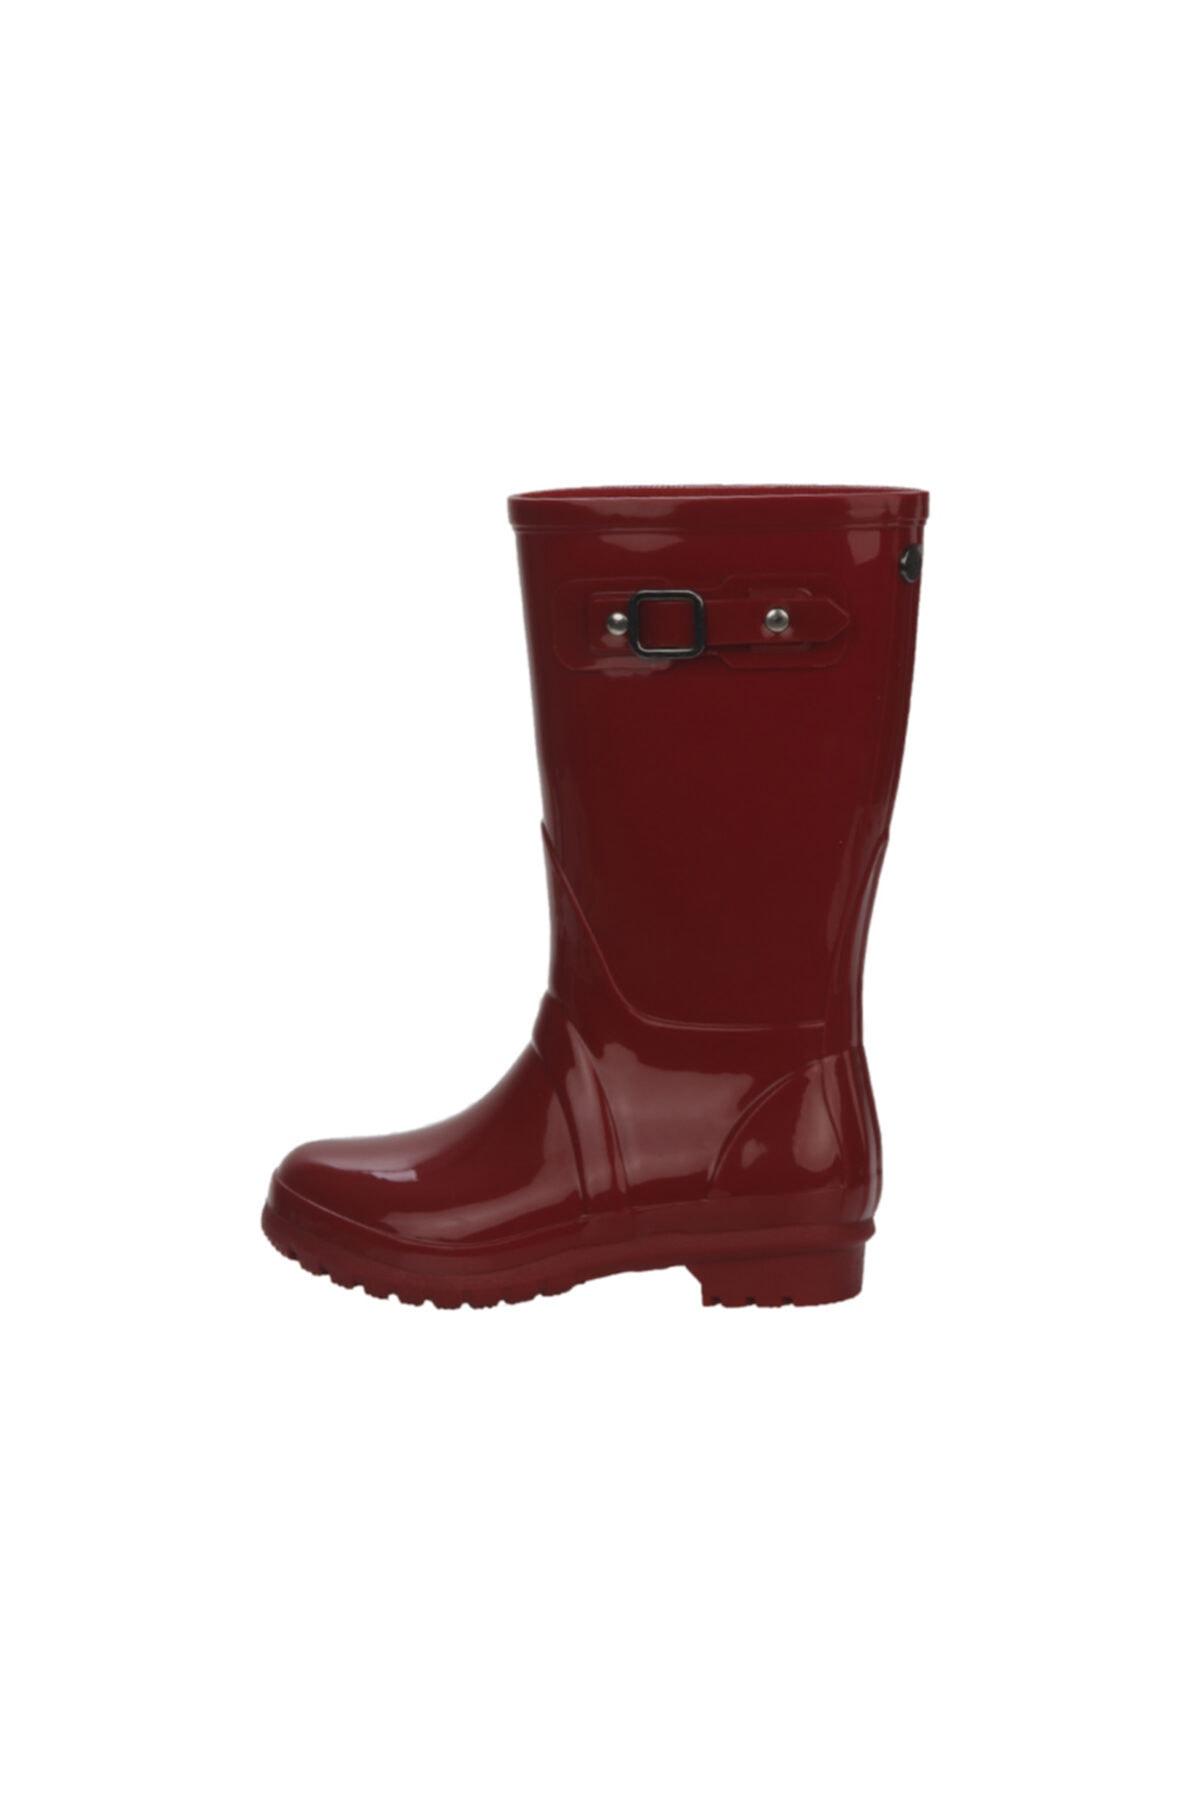 IGOR Kadın Kırmızı Uzun Yağmur Çizmesi 1